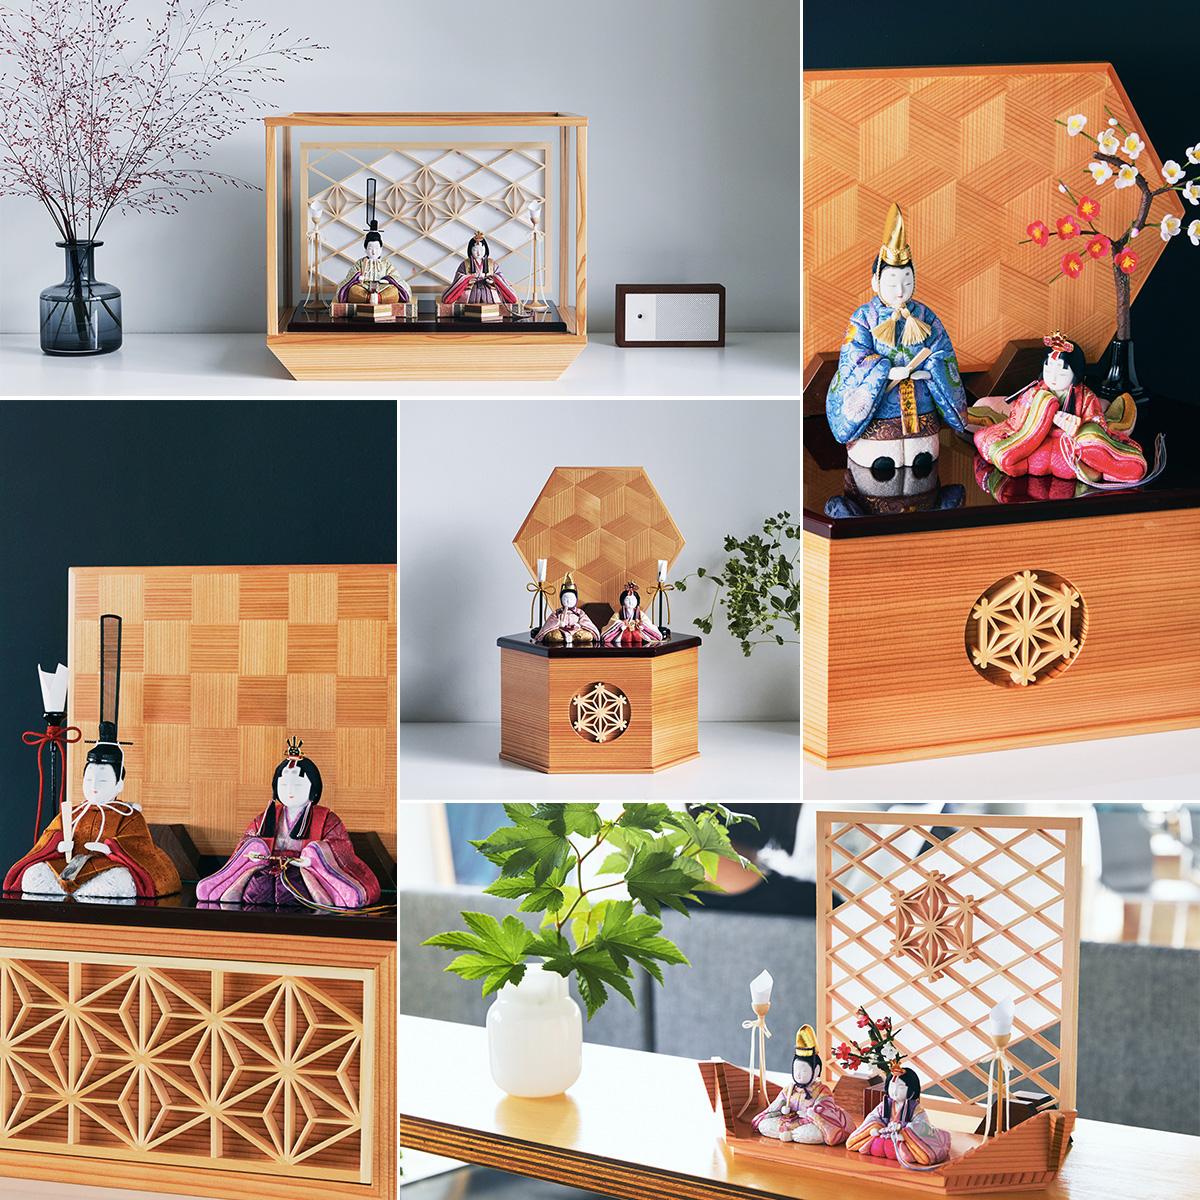 スペースの関係で大きな雛人形は飾れない、でも本物を追求したい方におすすめ|7つの日本伝統工芸をコンパクトモダンに。江戸木目込の「プレミアム親王飾り・雛人形・リビング雛人形」